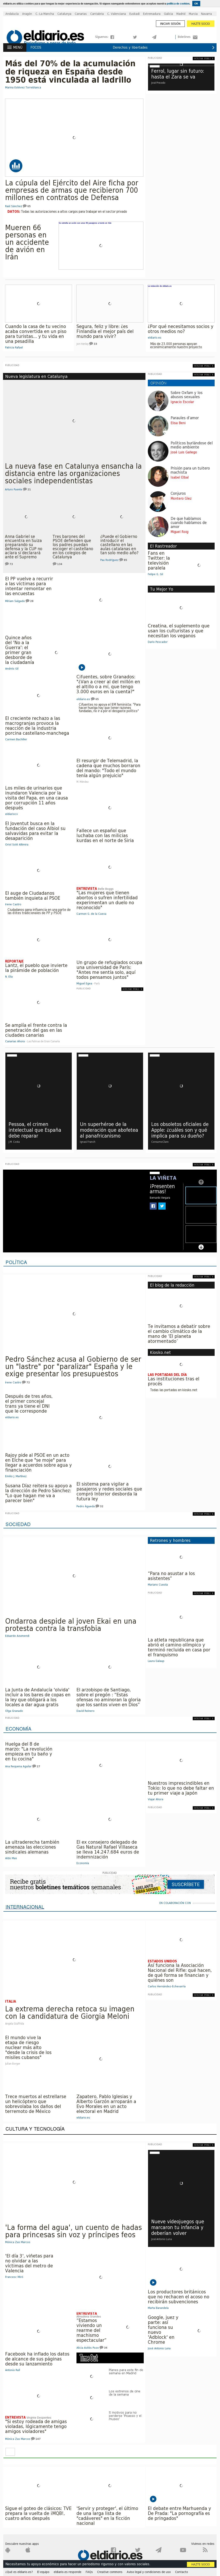 El Diario at Monday March 12, 2018, 2:05 a.m. UTC